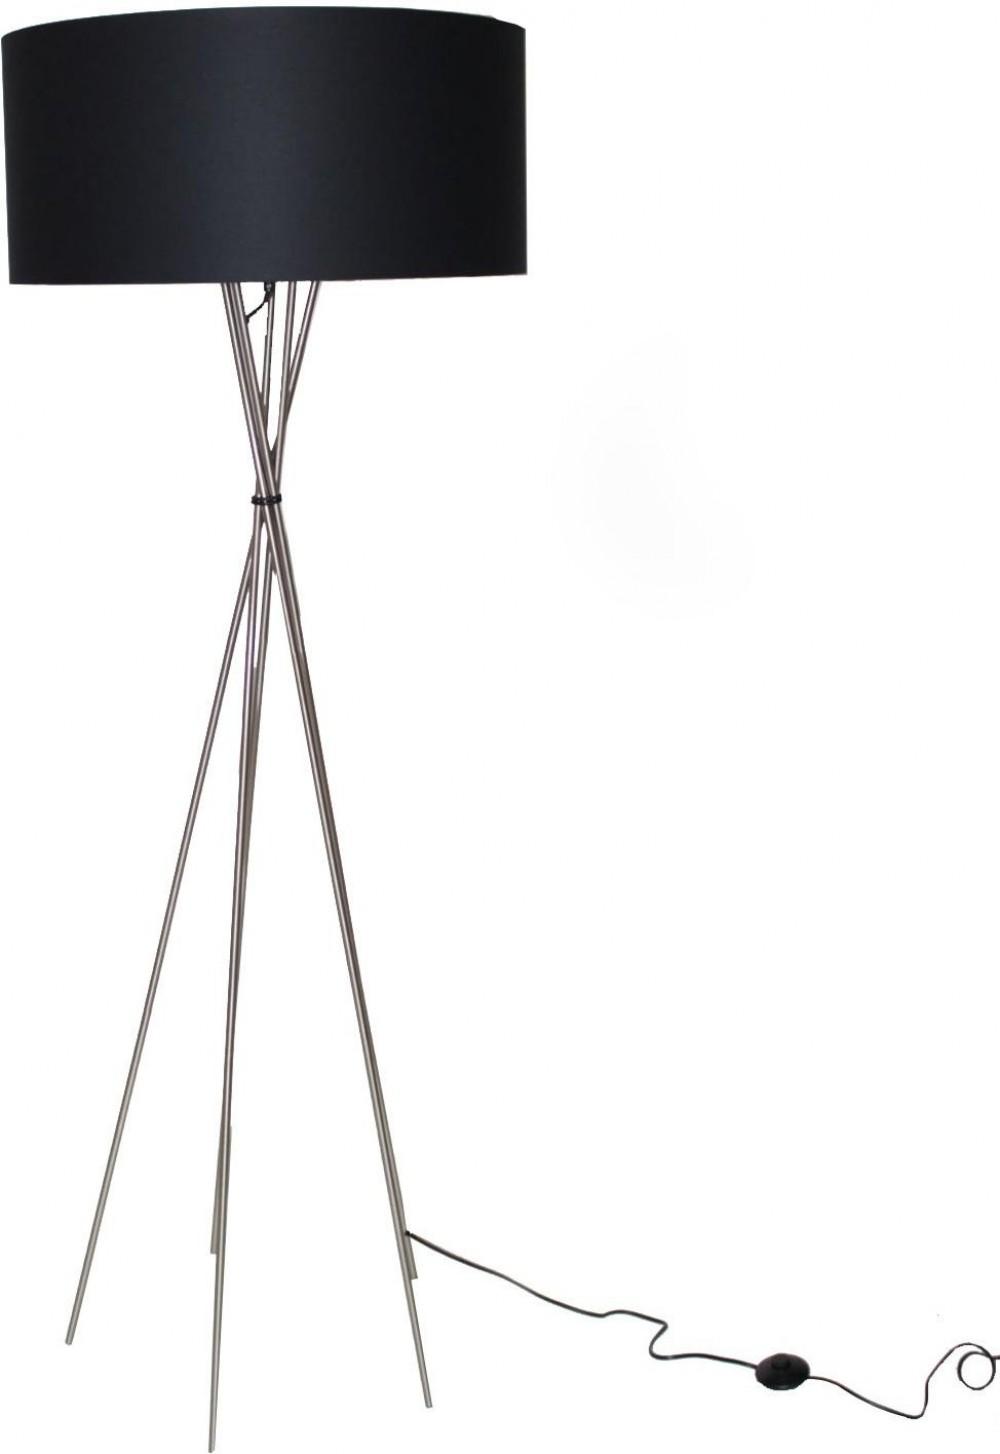 Stehleuchte moderne stehlampe mit einem lampenschirm h he 145 cm - Moderne gartenaccessoires ...